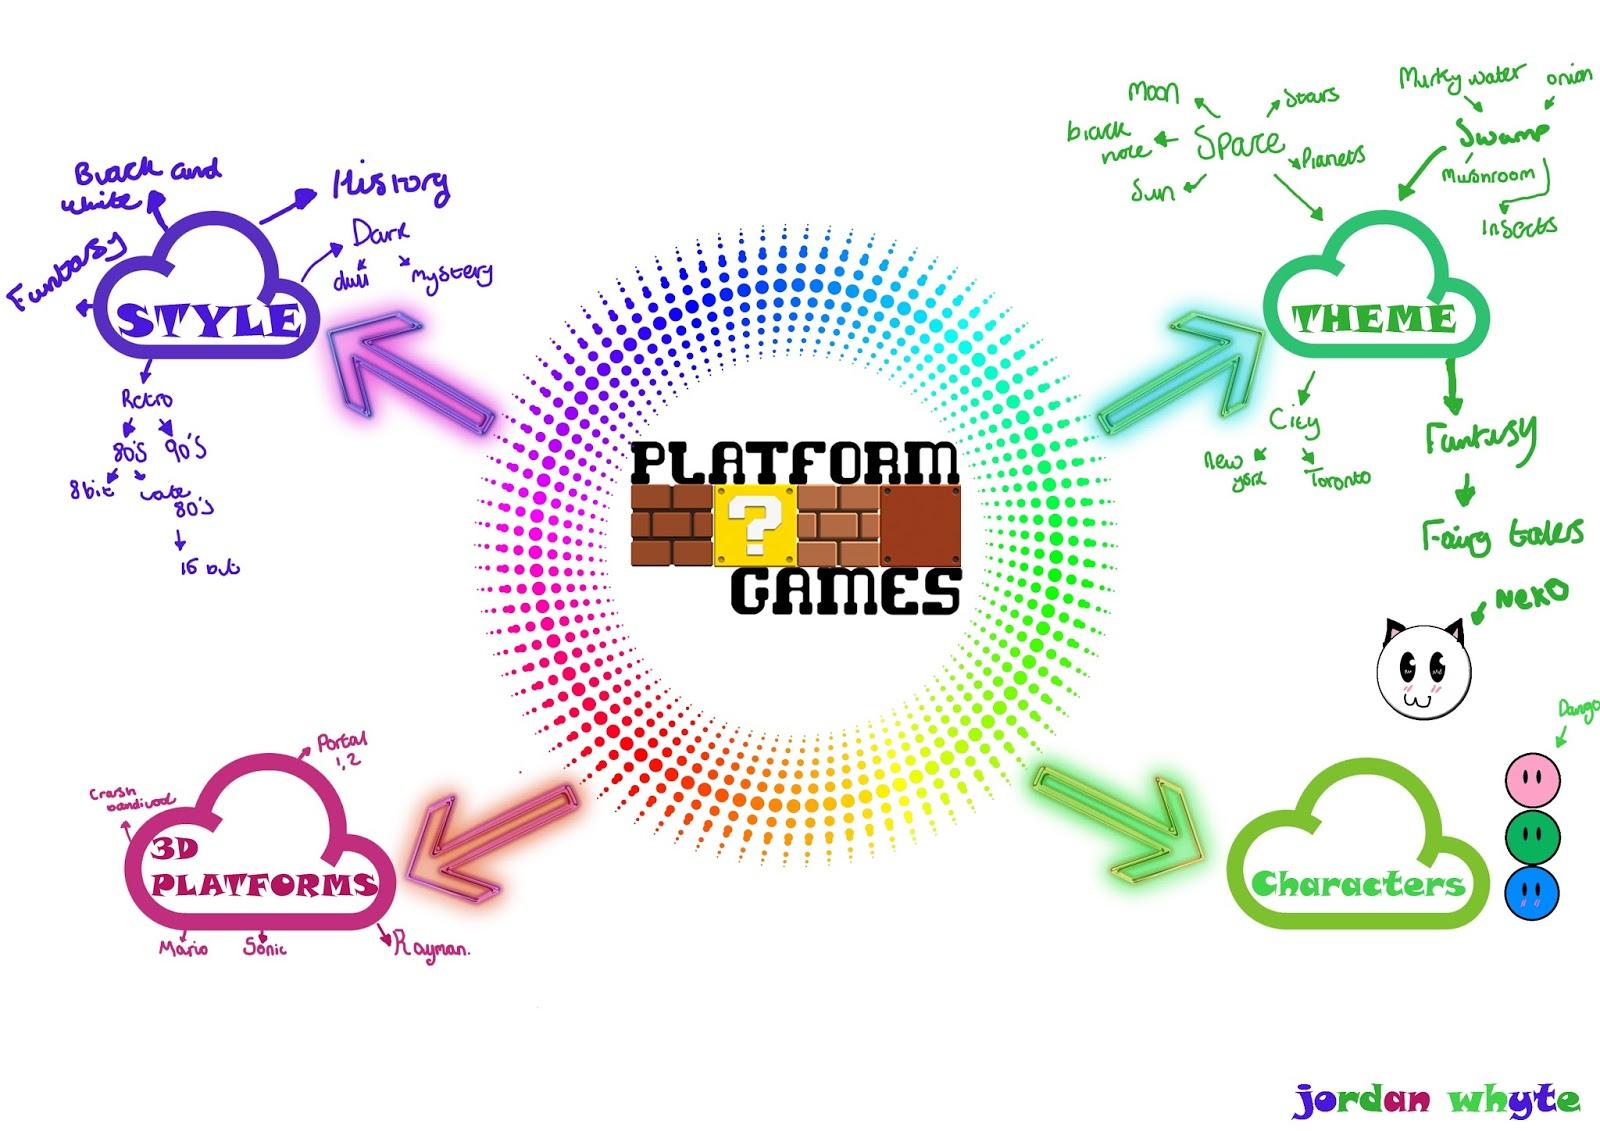 Jordan Whyte Games Blog: November 2015 on